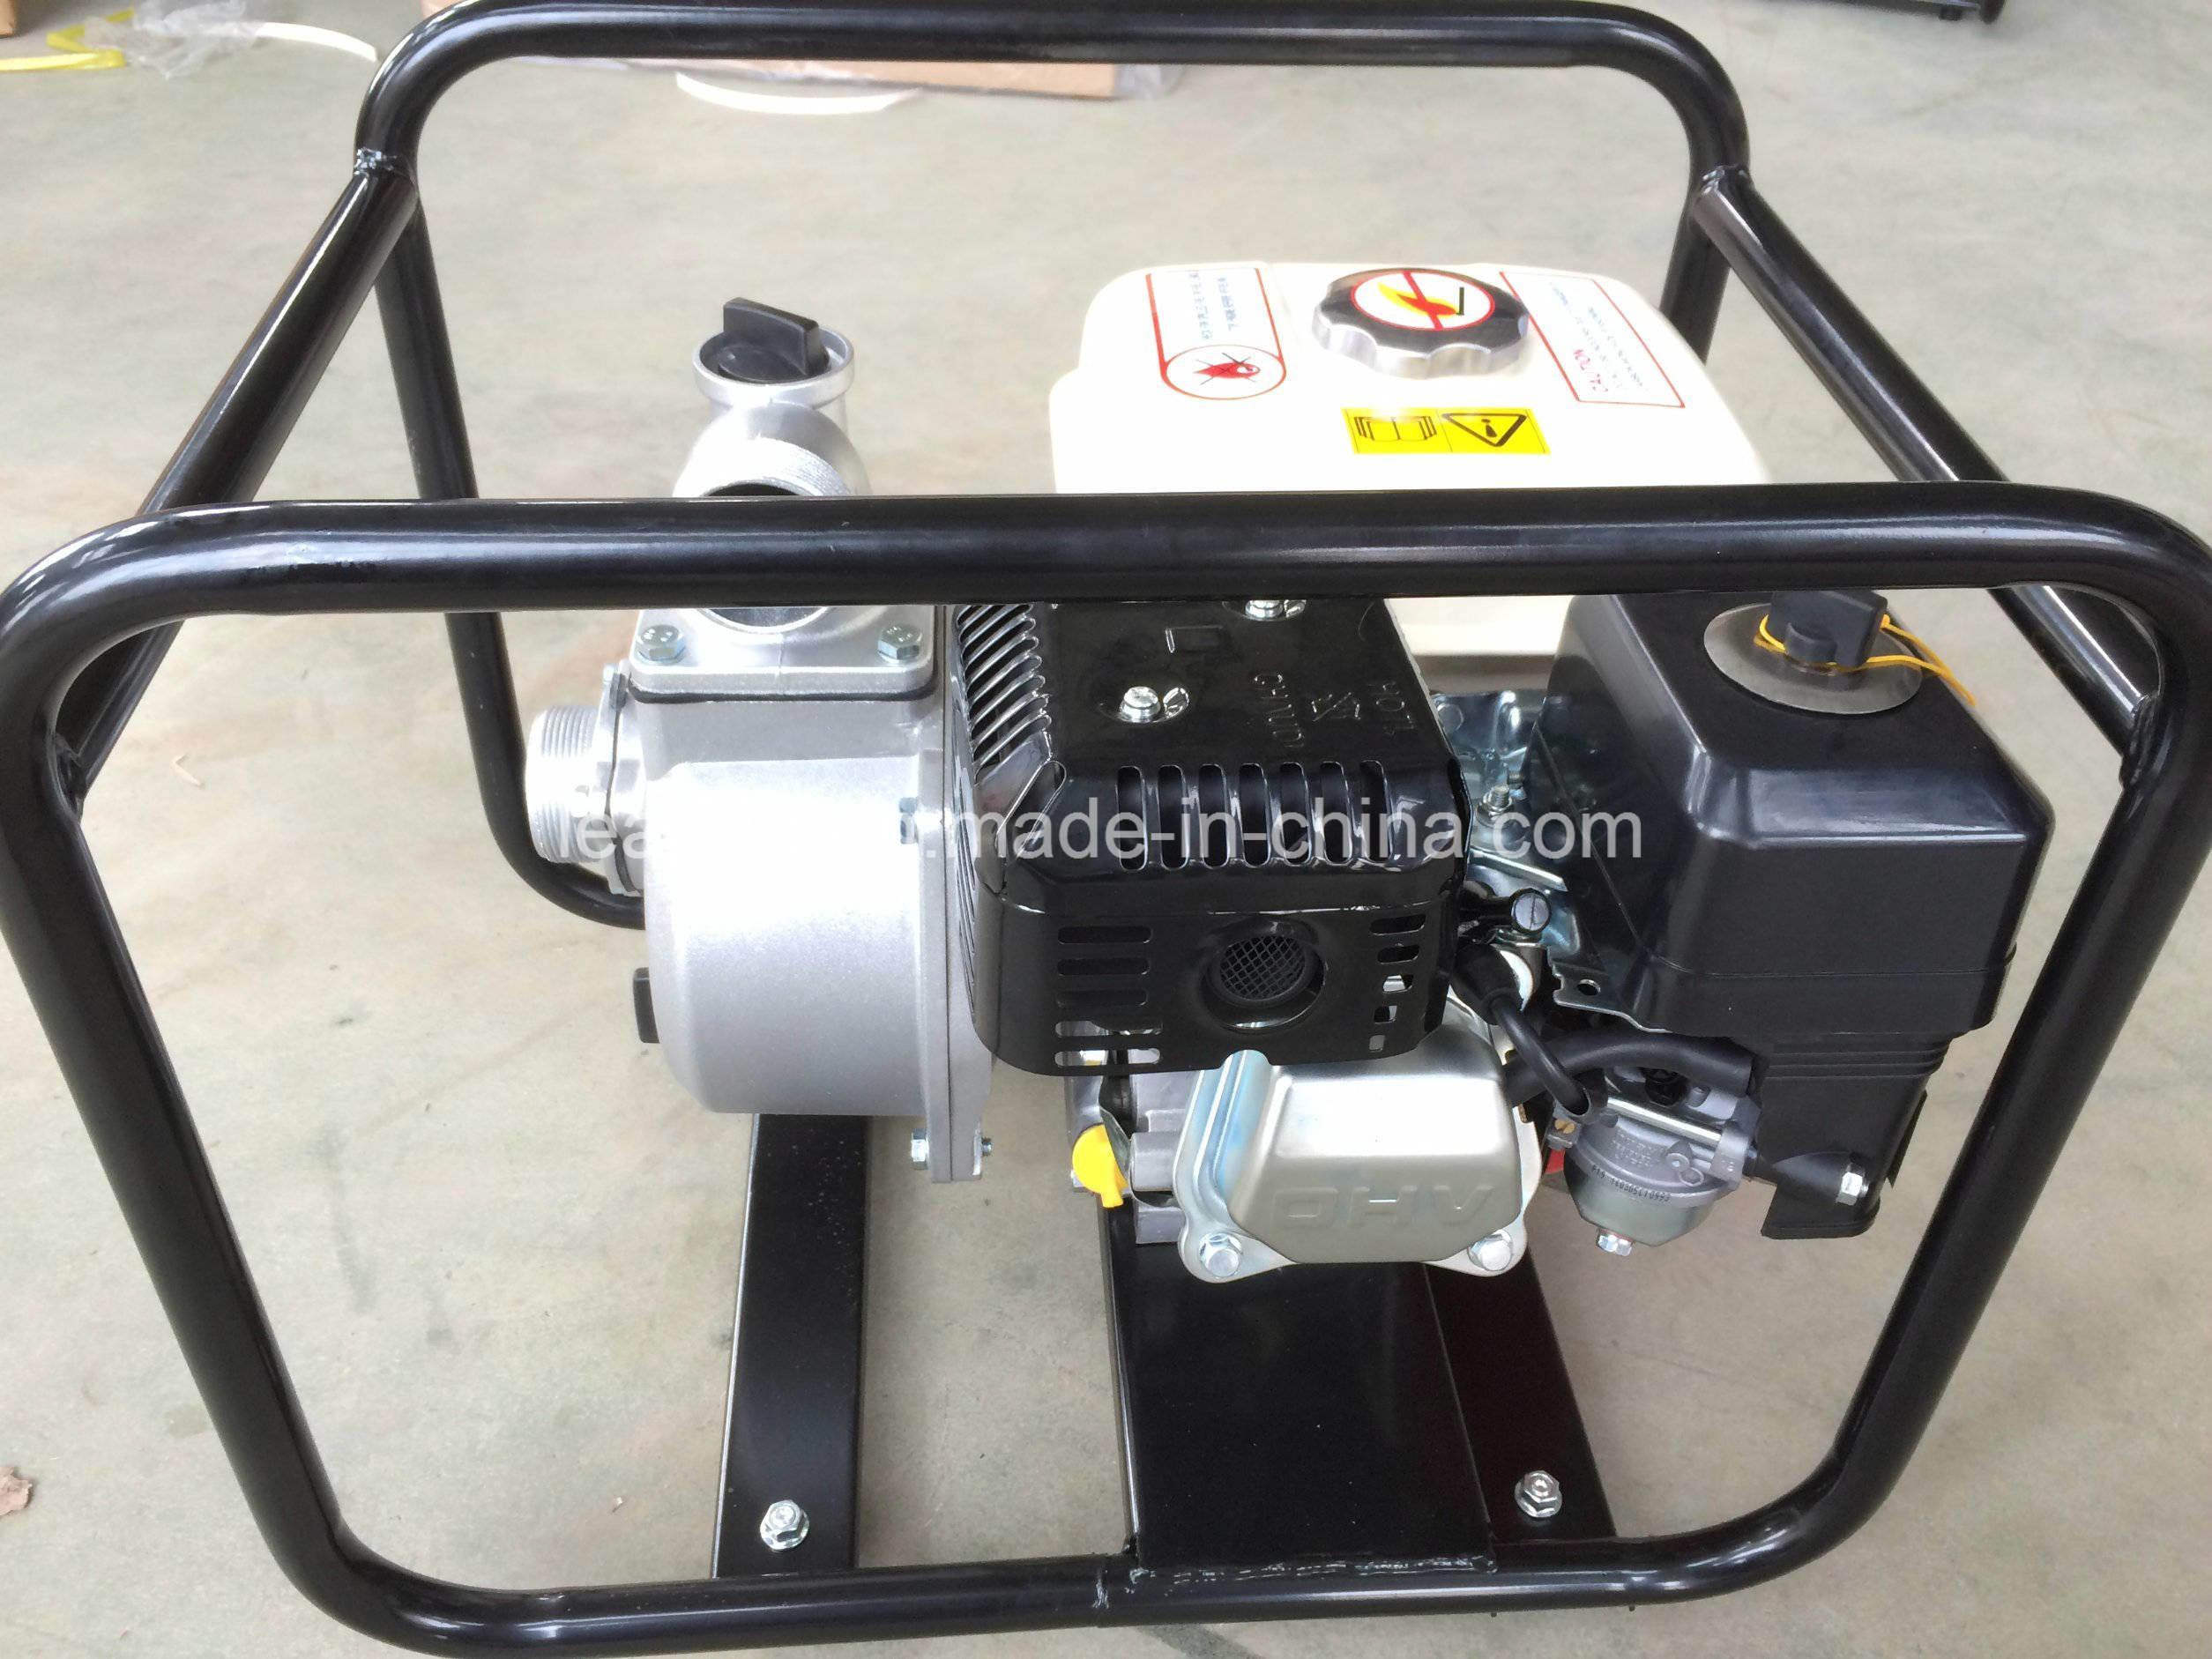 5.5HP 2 Inch Gasoline Water Pump